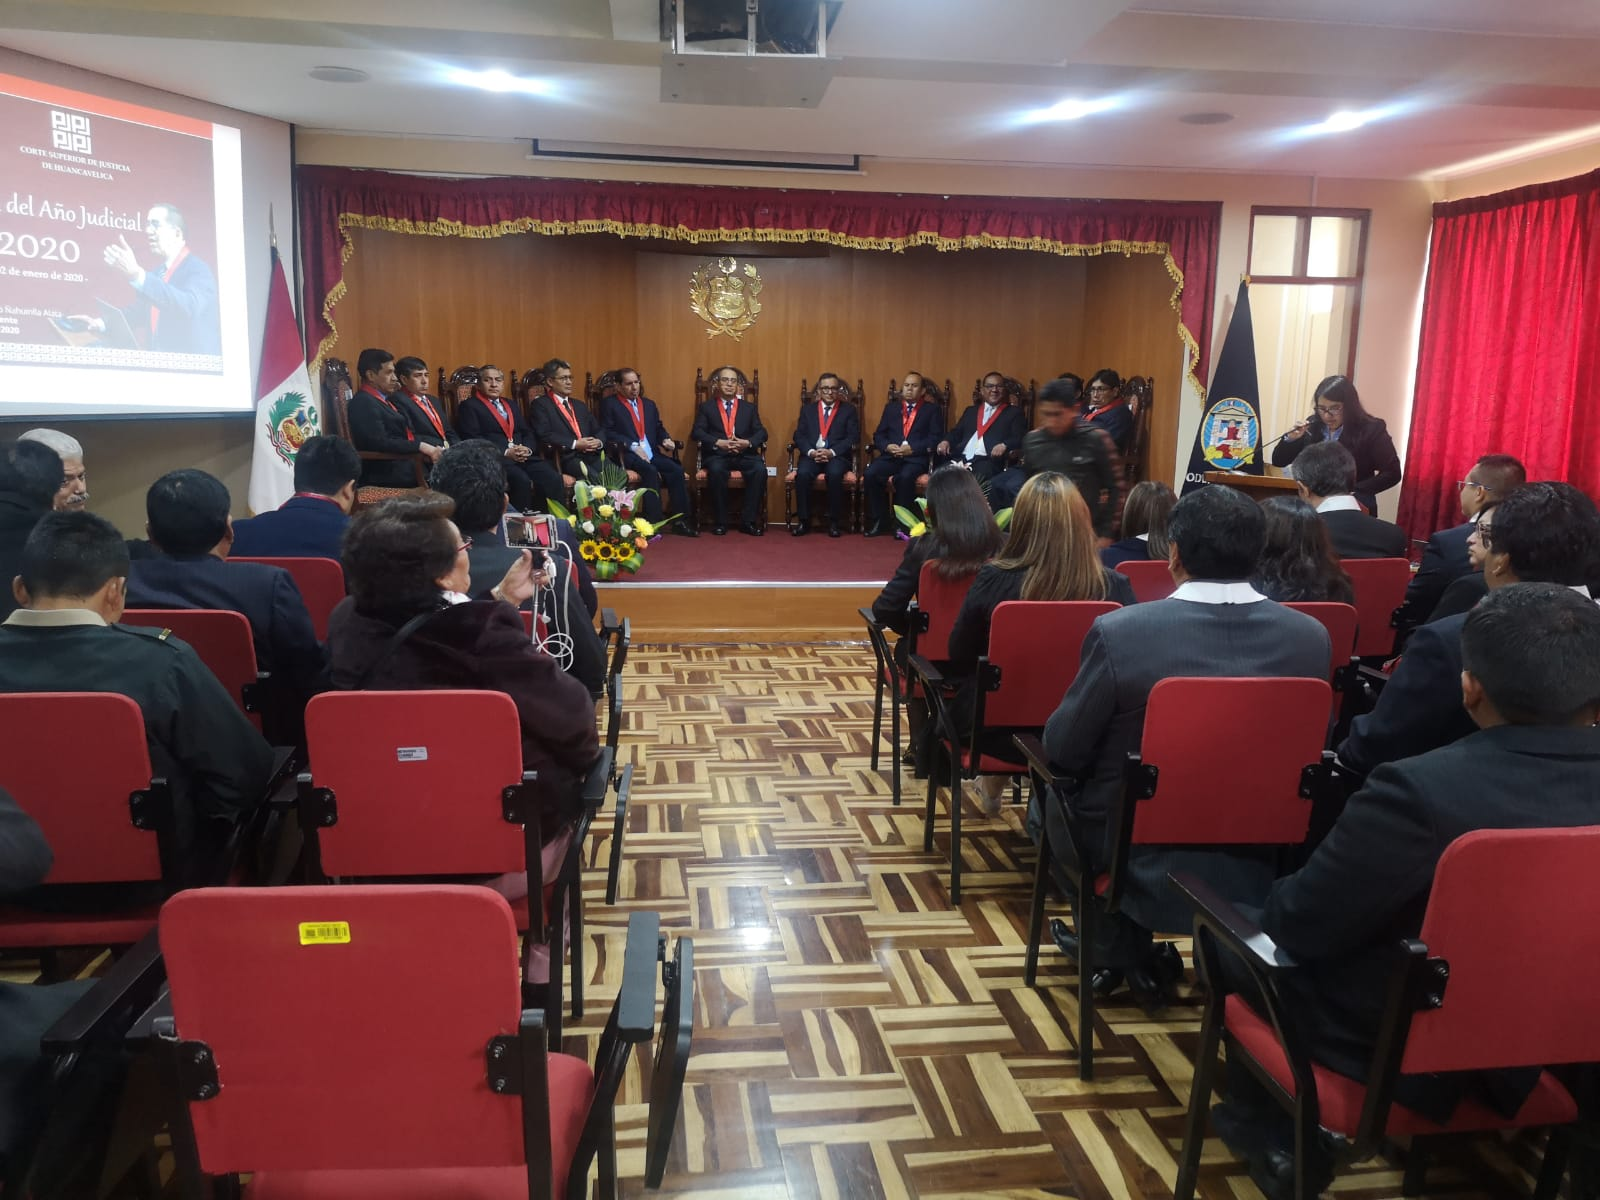 REGIDOR PROVINCIAL FREDDY CENCÍA PARTICIPO DE LA CEREMONIA DE APERTURA DEL AÑO JUDICIAL 2015